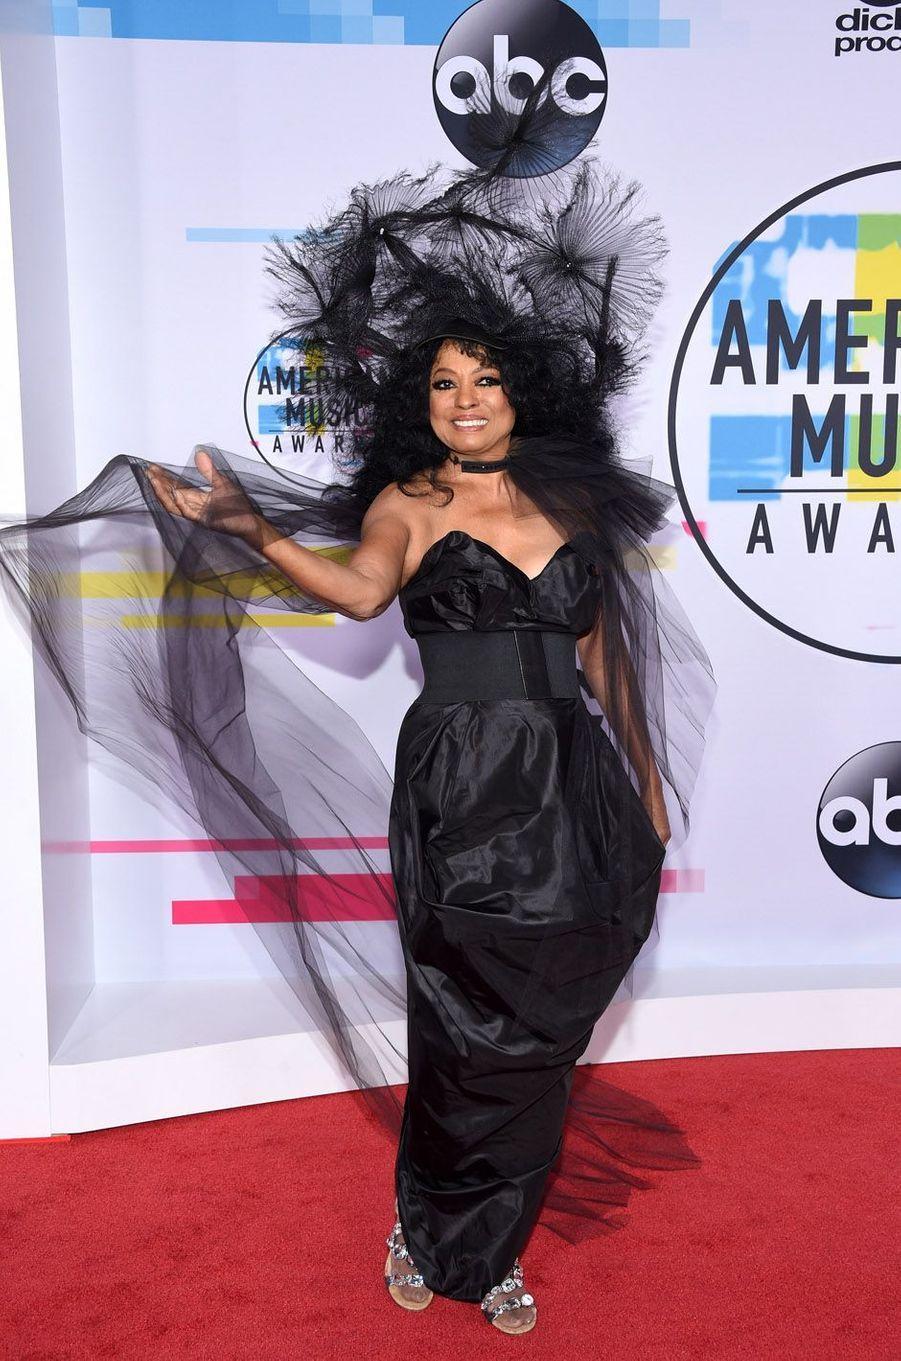 Diana Rossaux American Music Awards, le 19 novembre 2017 à Los Angeles.